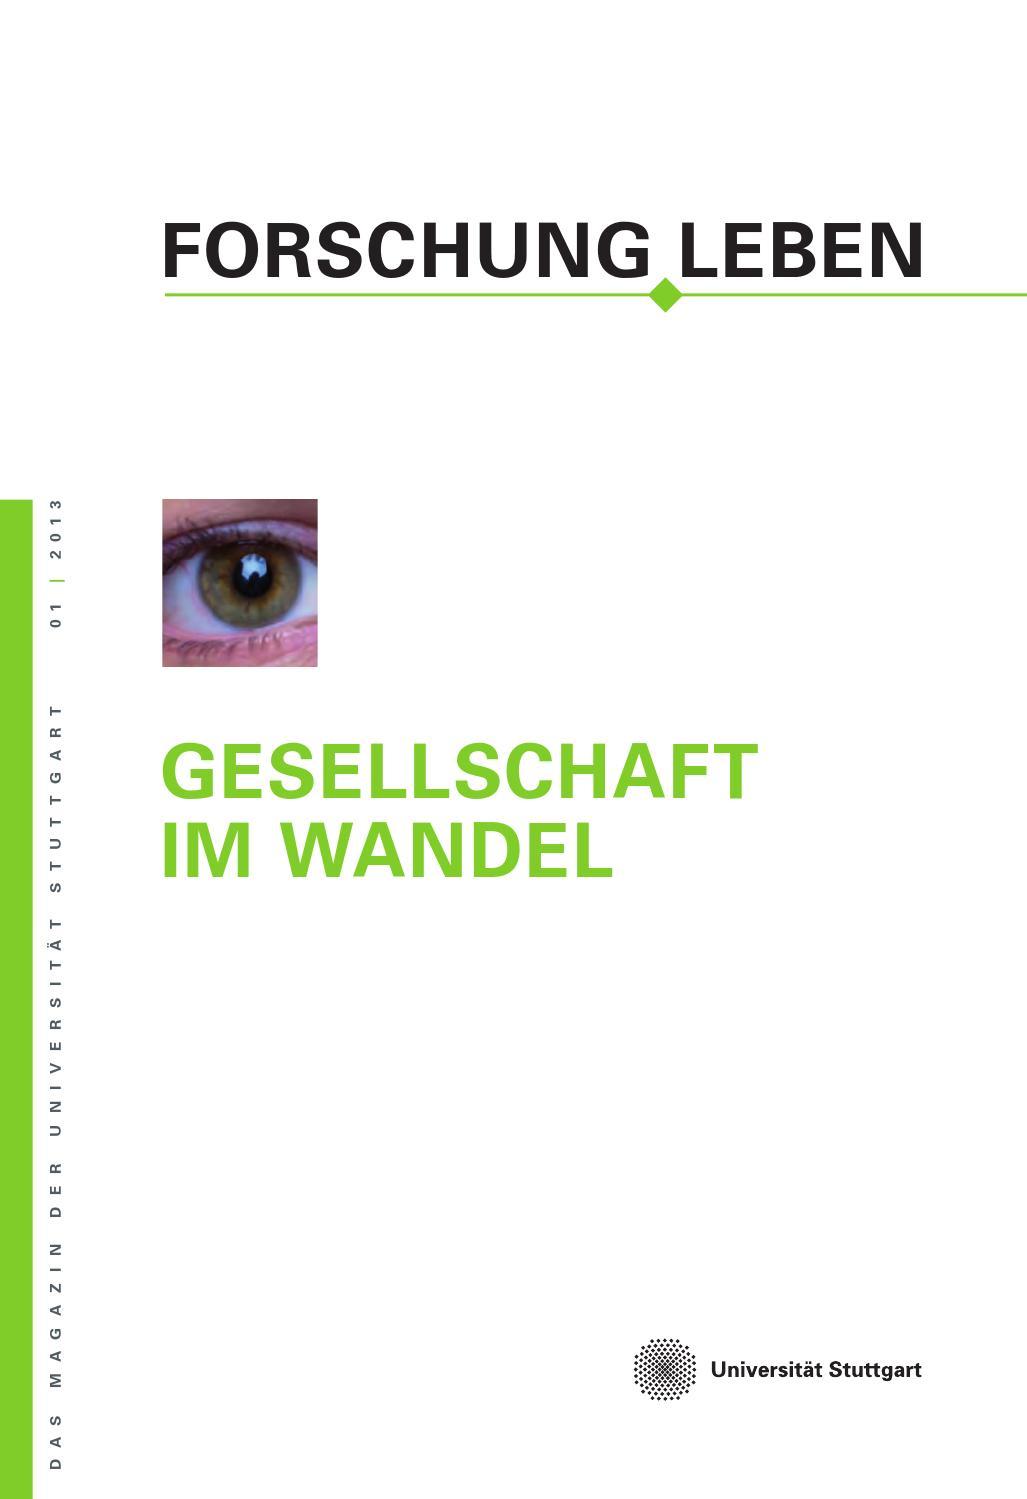 Universität Stuttgart FORSCHUNG LEBEN Nr.1-2013 by Universität ...